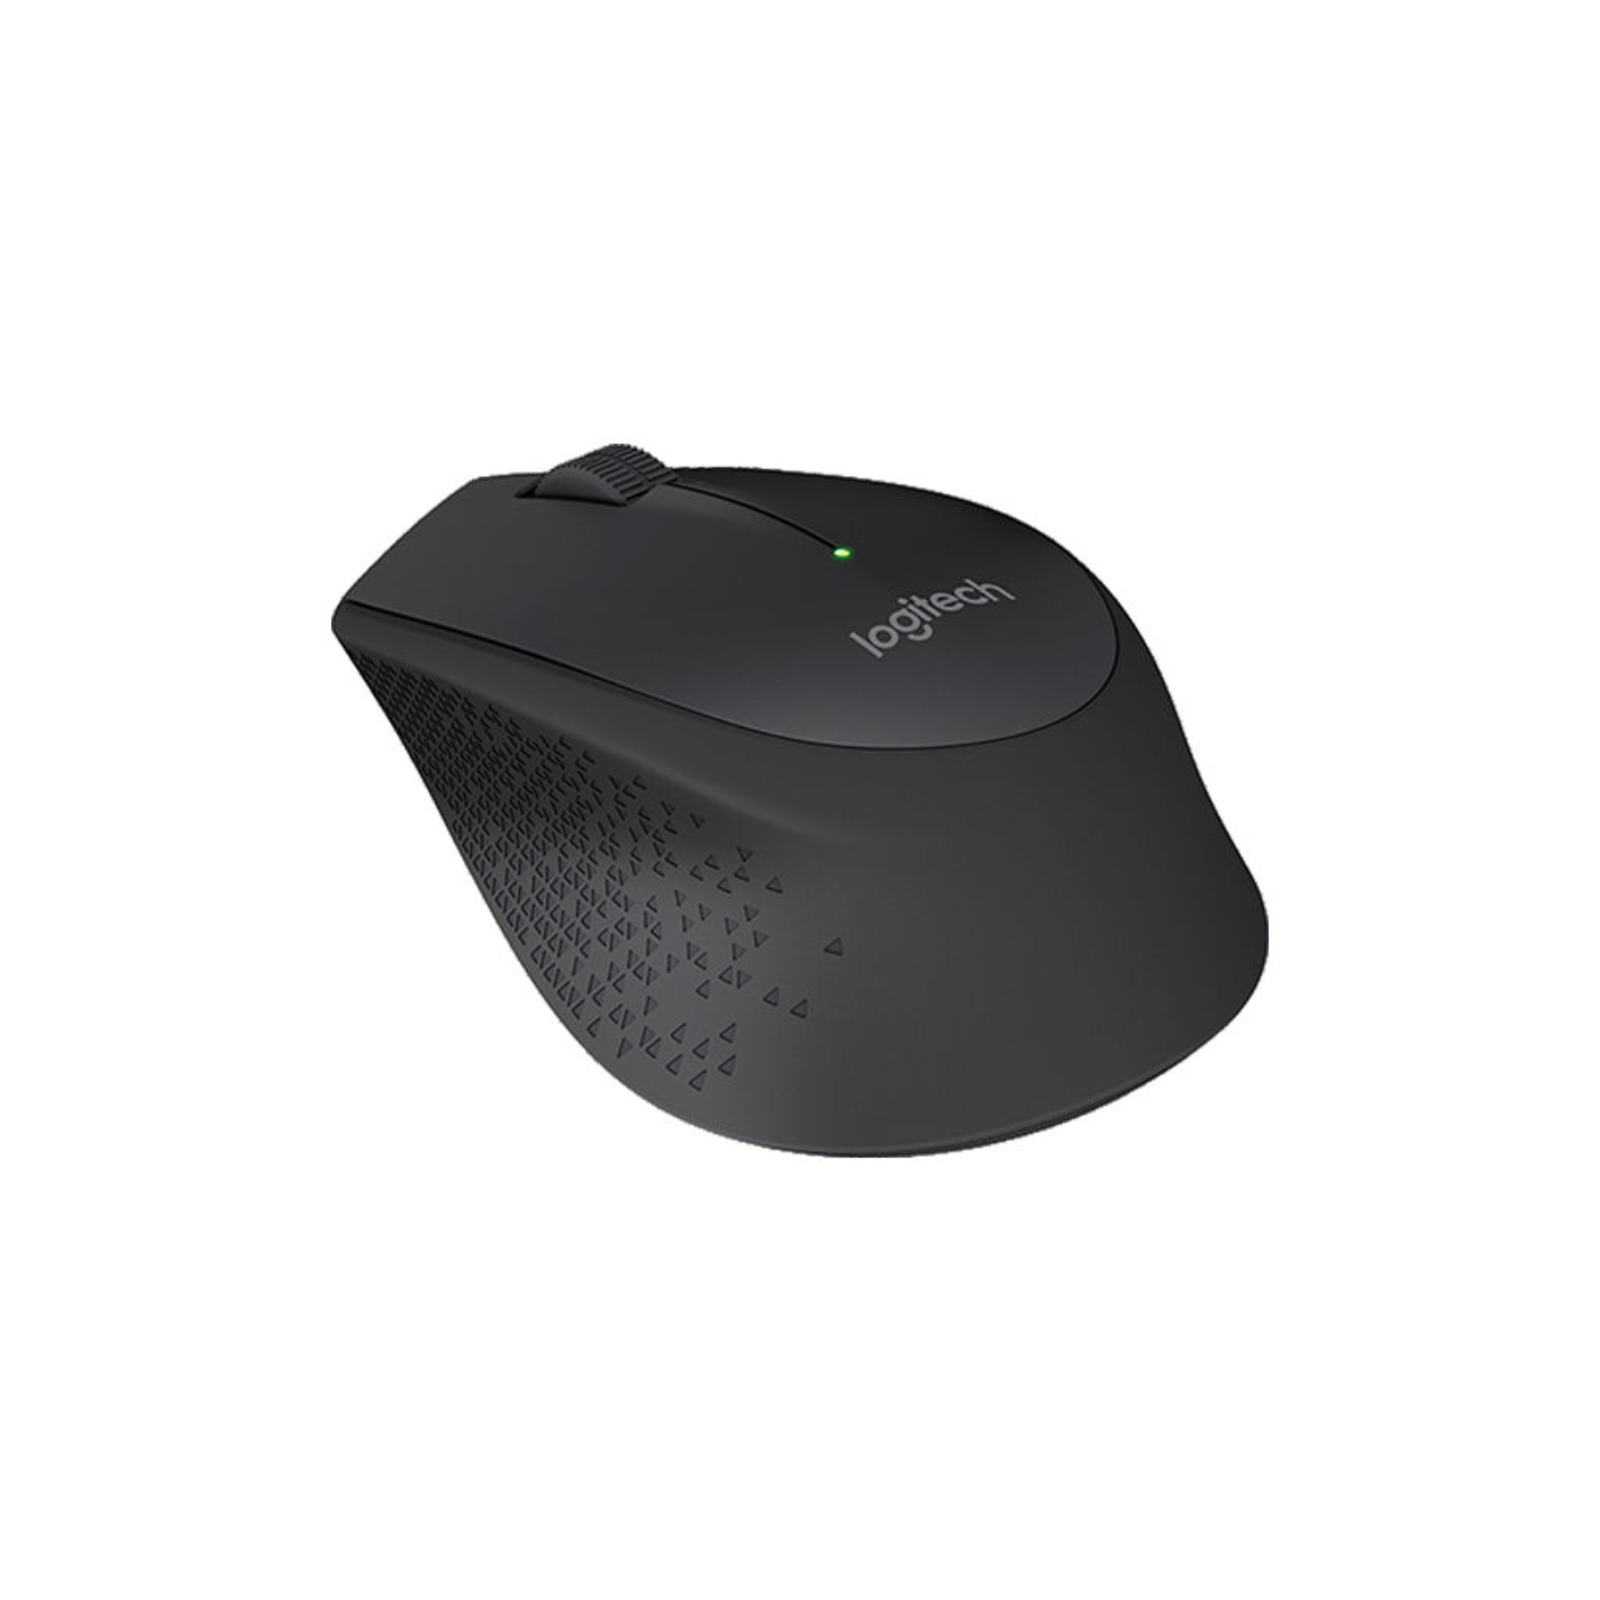 Мышка Logitech M280 Black (910-004287) изображение 2